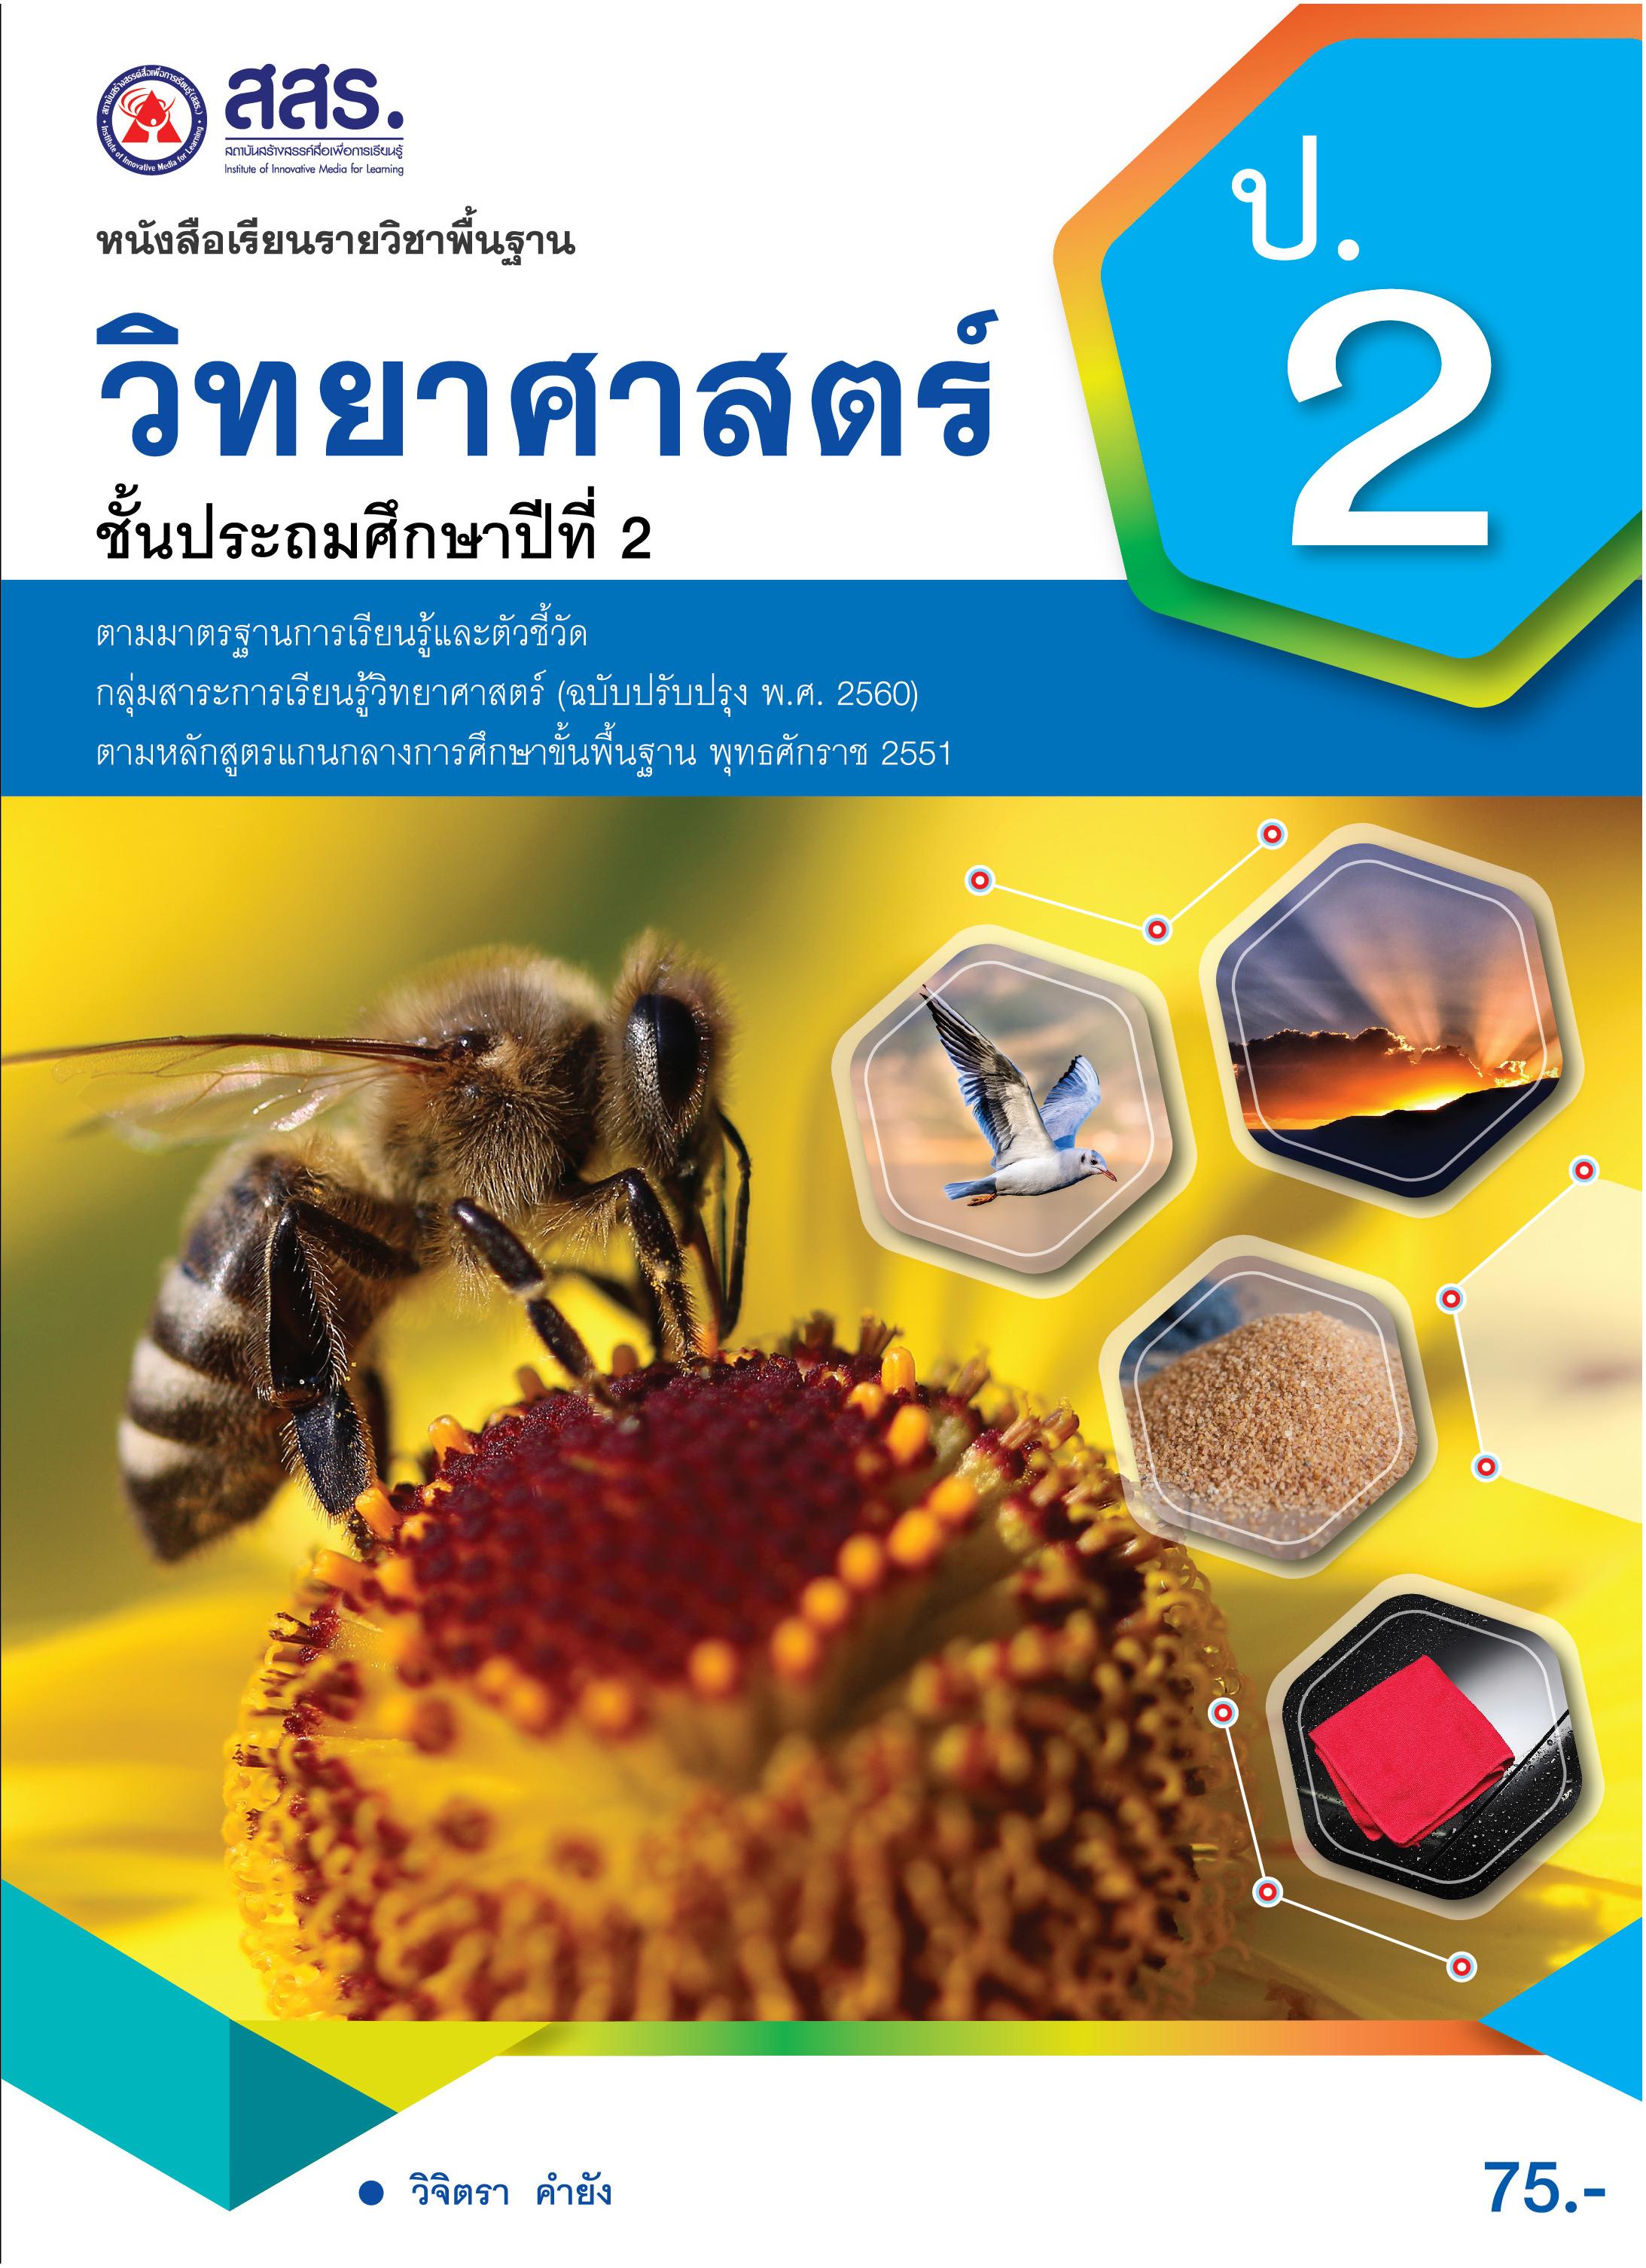 หนังสือเรียนรายวิชาพื้นฐาน วิทยาศาสตร์   ชั้นประถมศึกษาปีที่ 2 (ฉบับใบอนุญาตฯ)